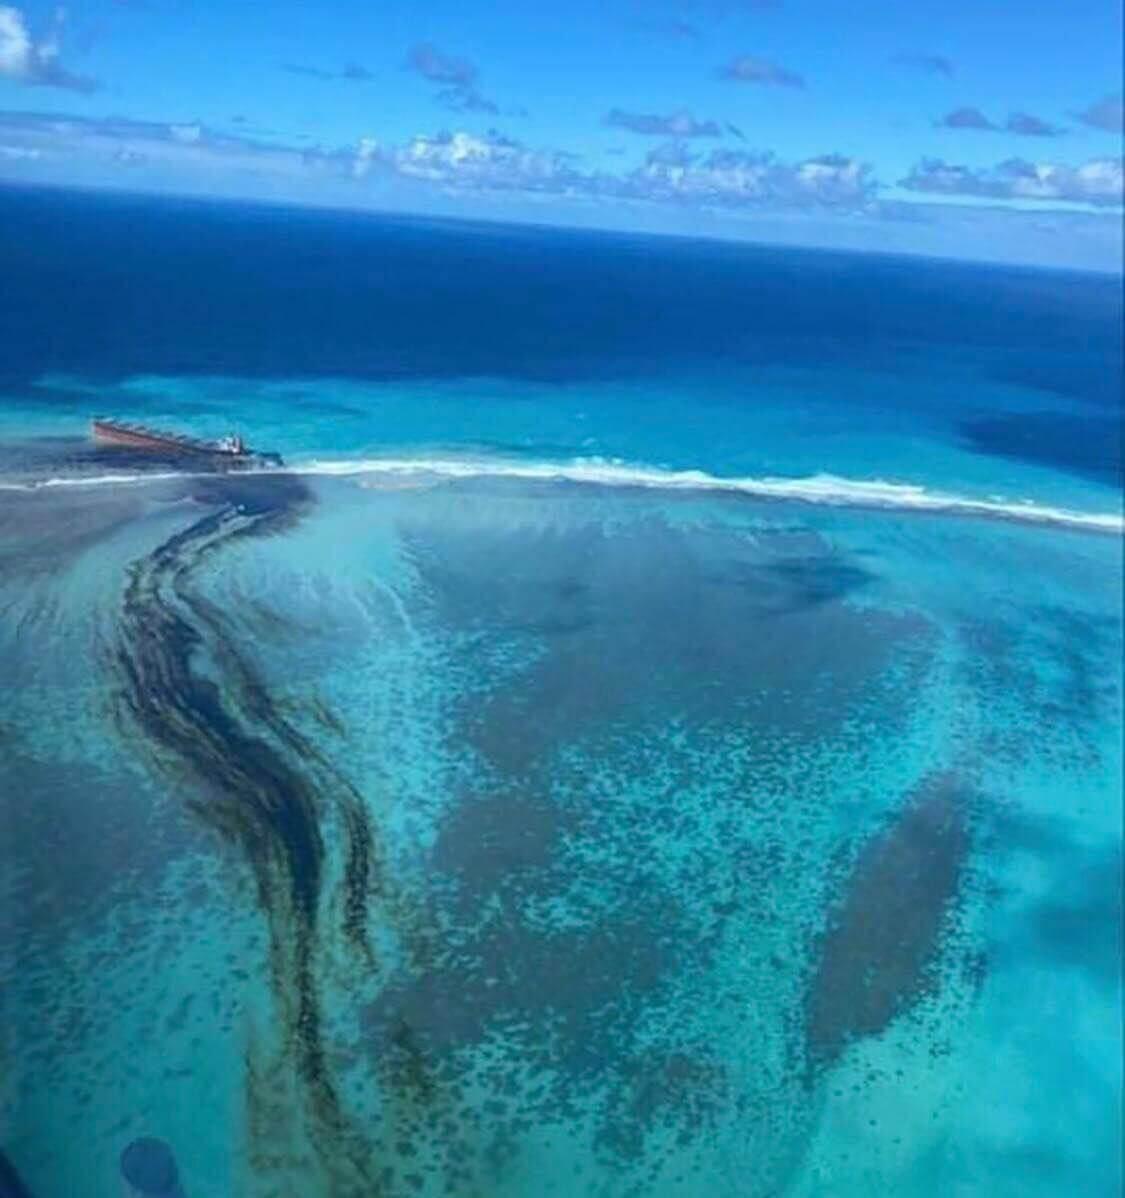 MV Wakashio oil spill image